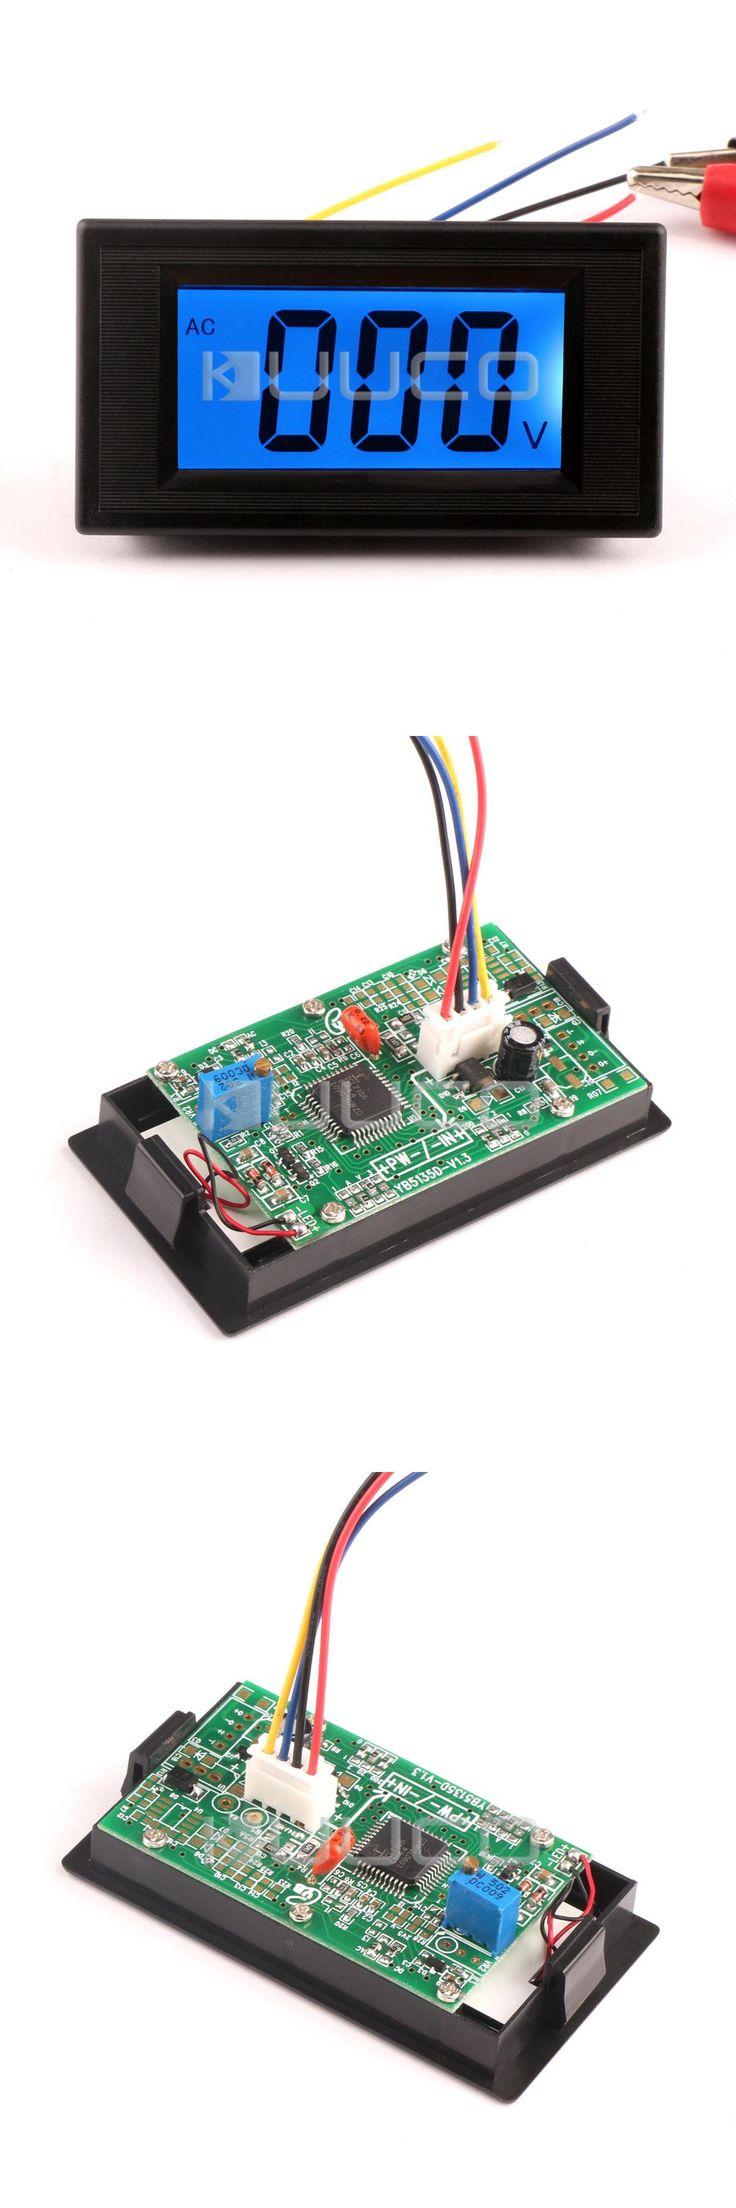 [Visit to Buy] AC Volt Gauge Monitor Meter AC 0~200V Blue LCD Display Digital Voltmeter AC/DC 8V 12V Voltage Panel Meter #Advertisement